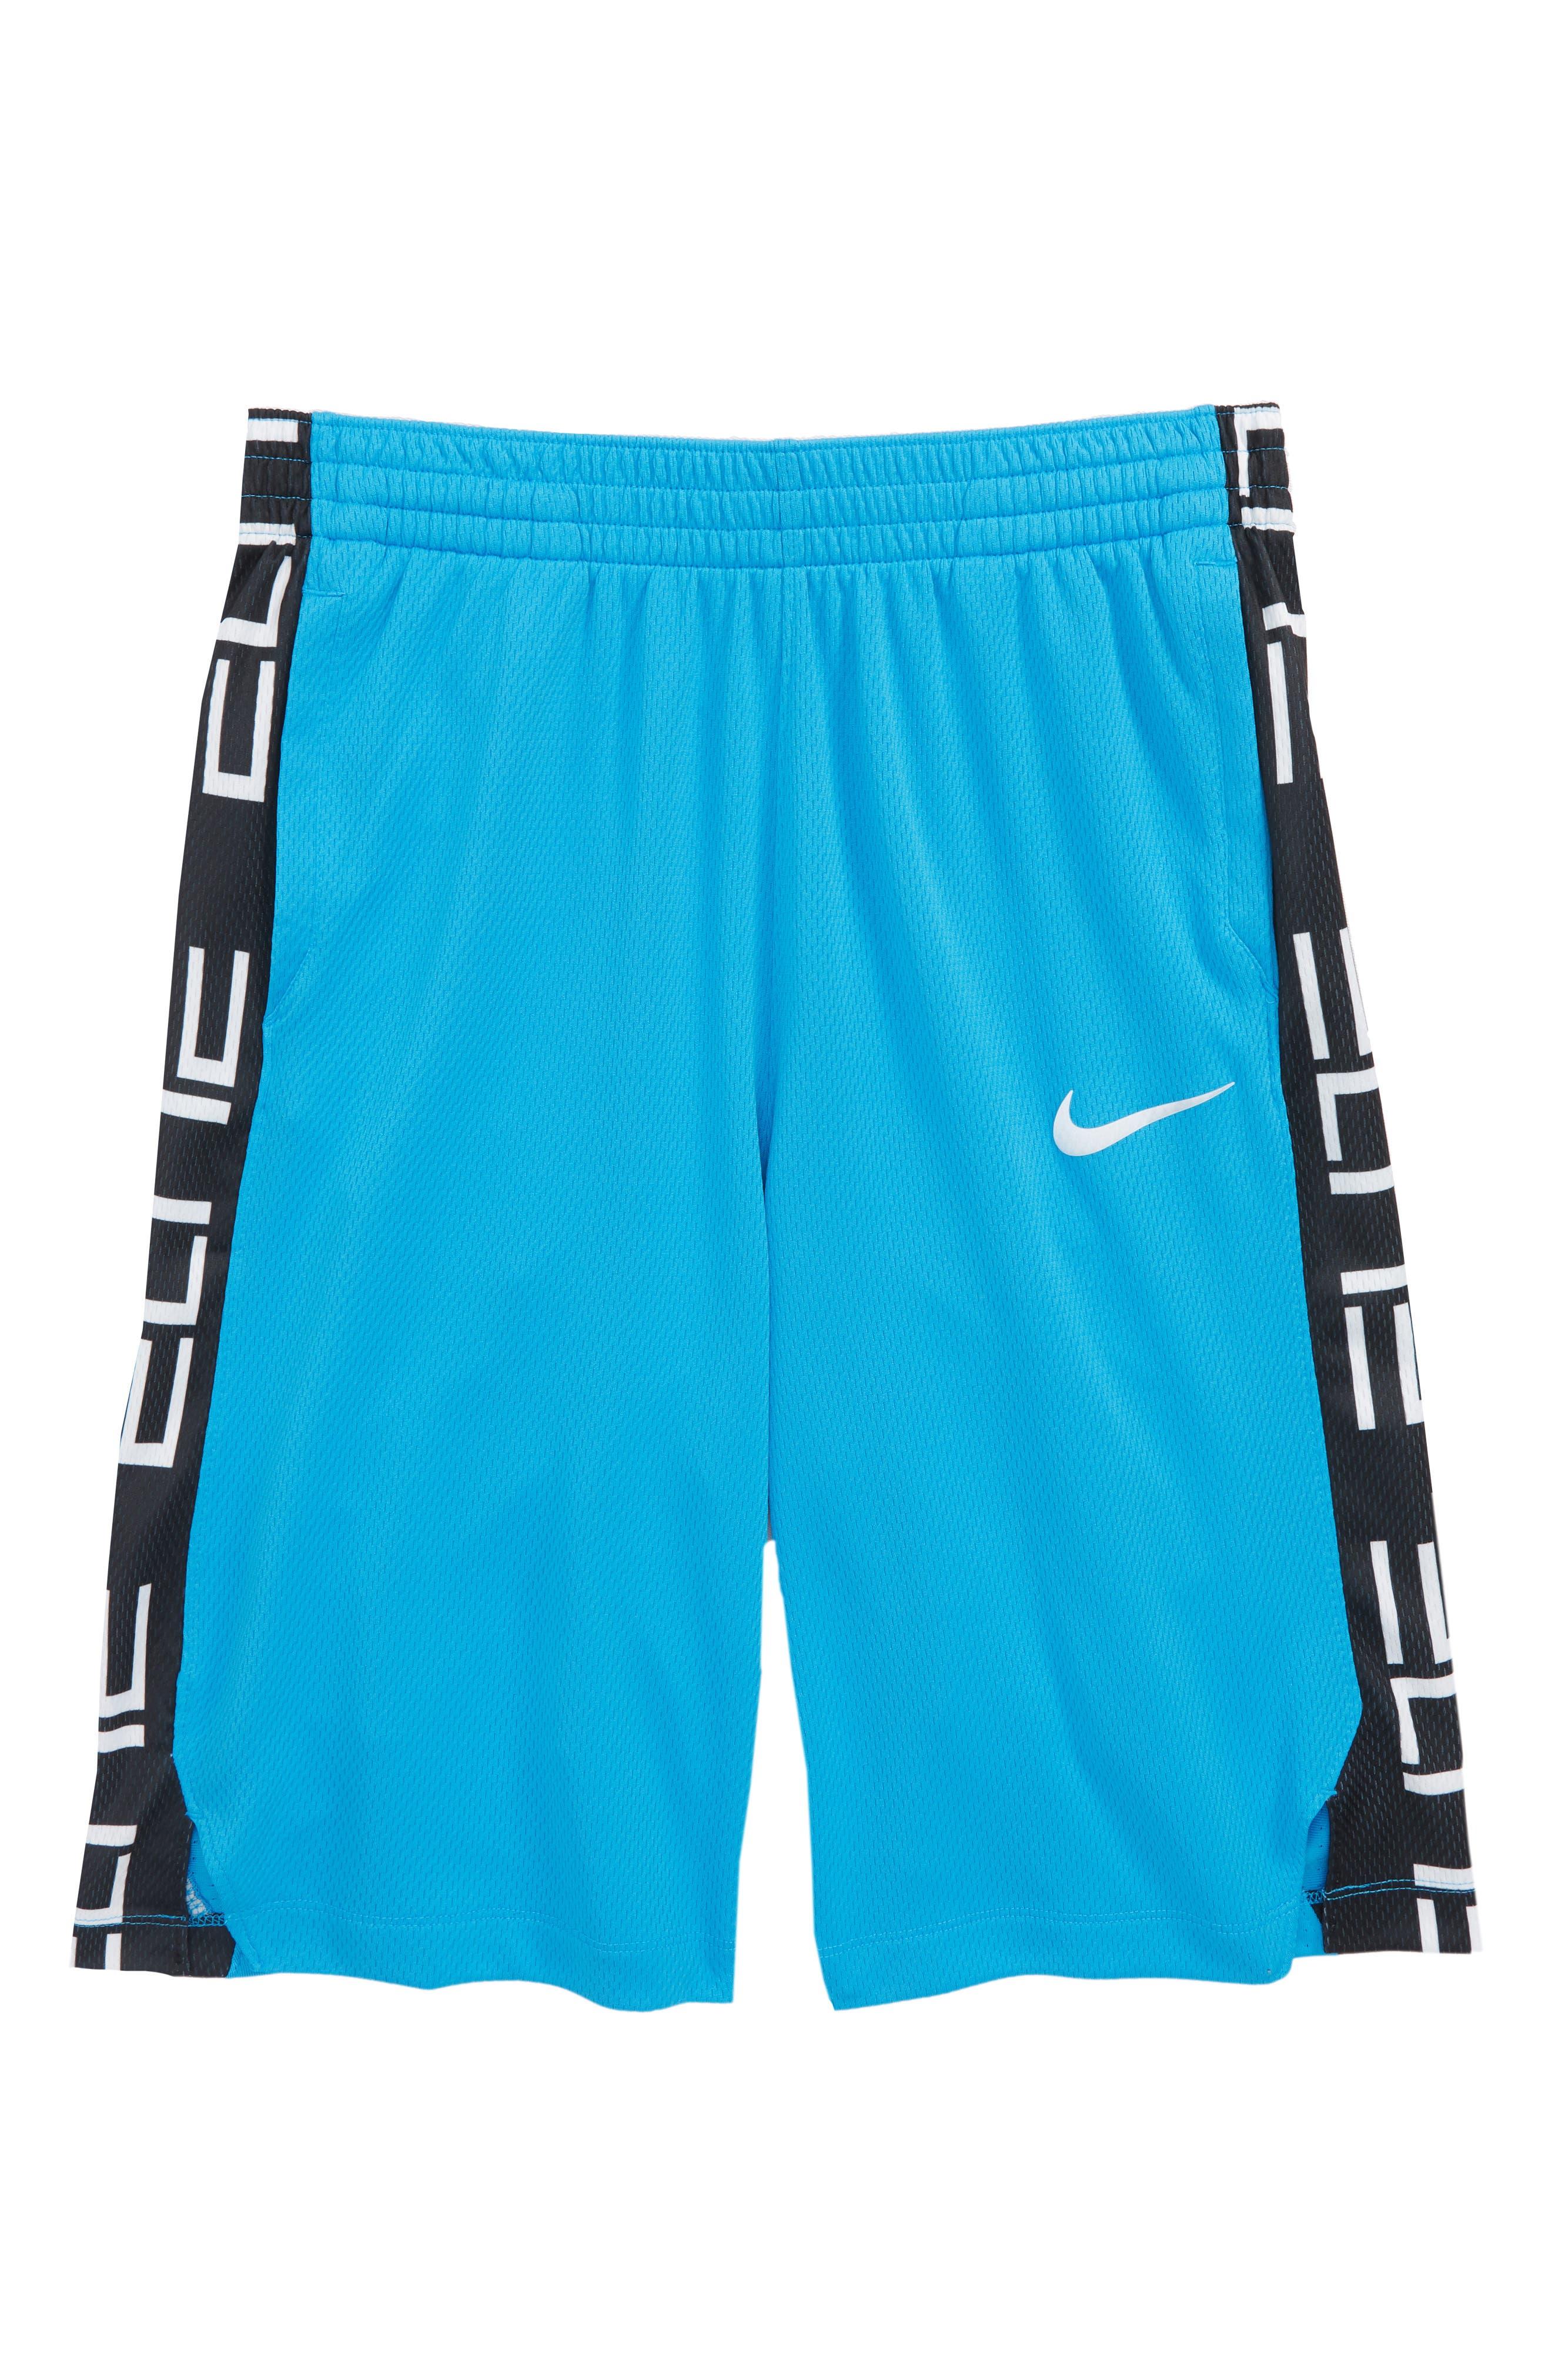 Dry Elite Shorts,                             Main thumbnail 1, color,                             482